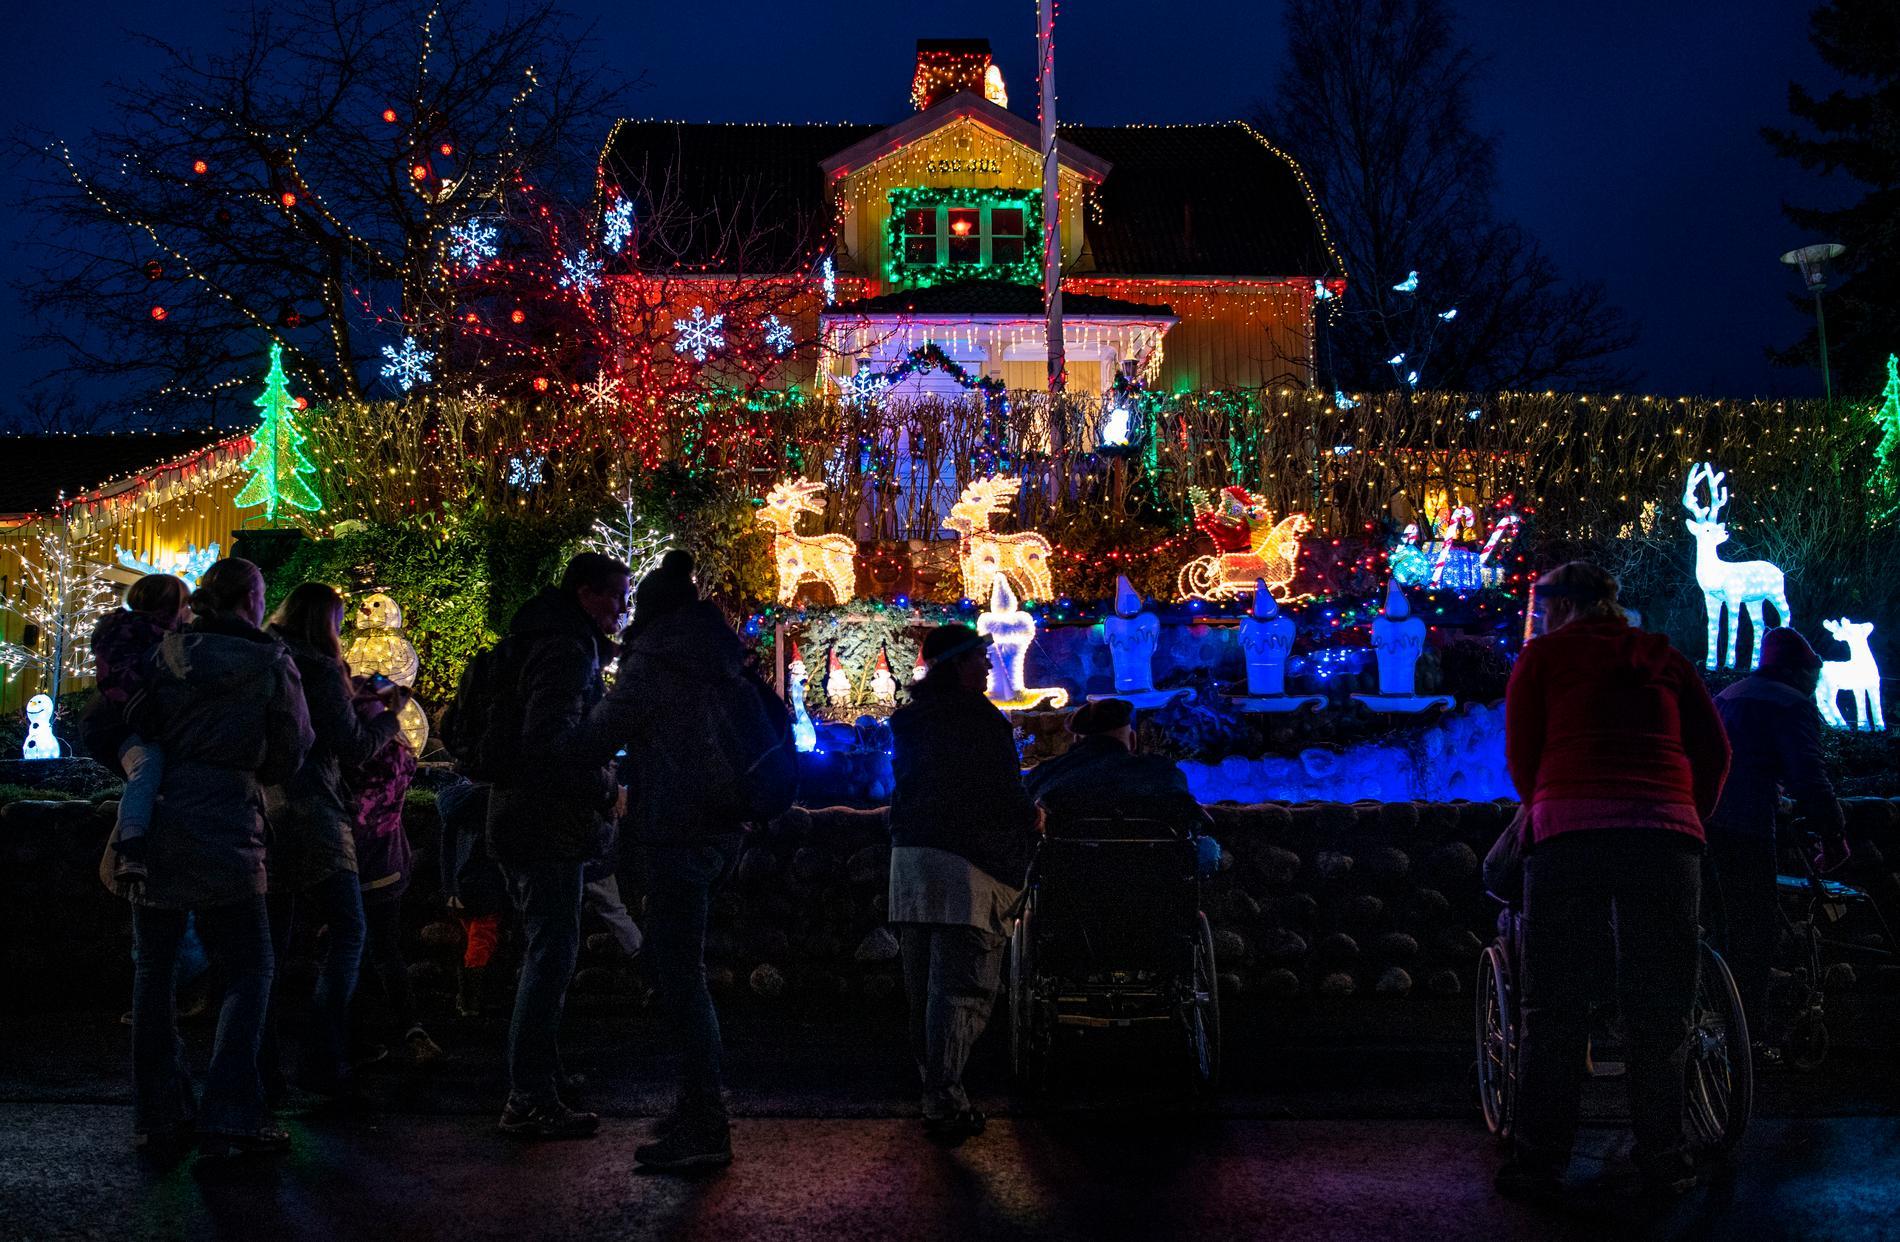 Många kommer och tittar på julbelysningen.